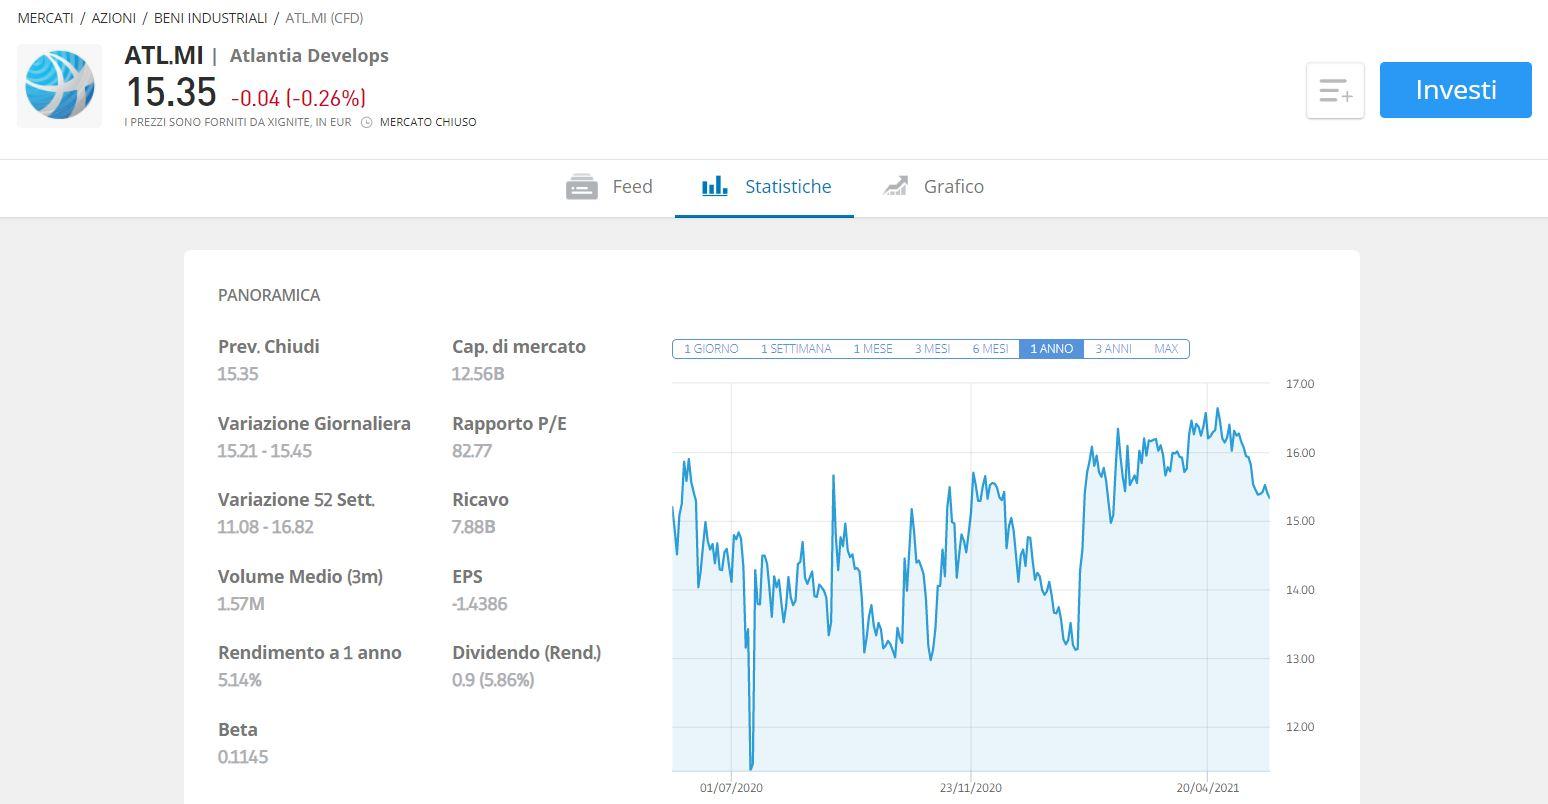 come comprare azioni atlantia previsioni